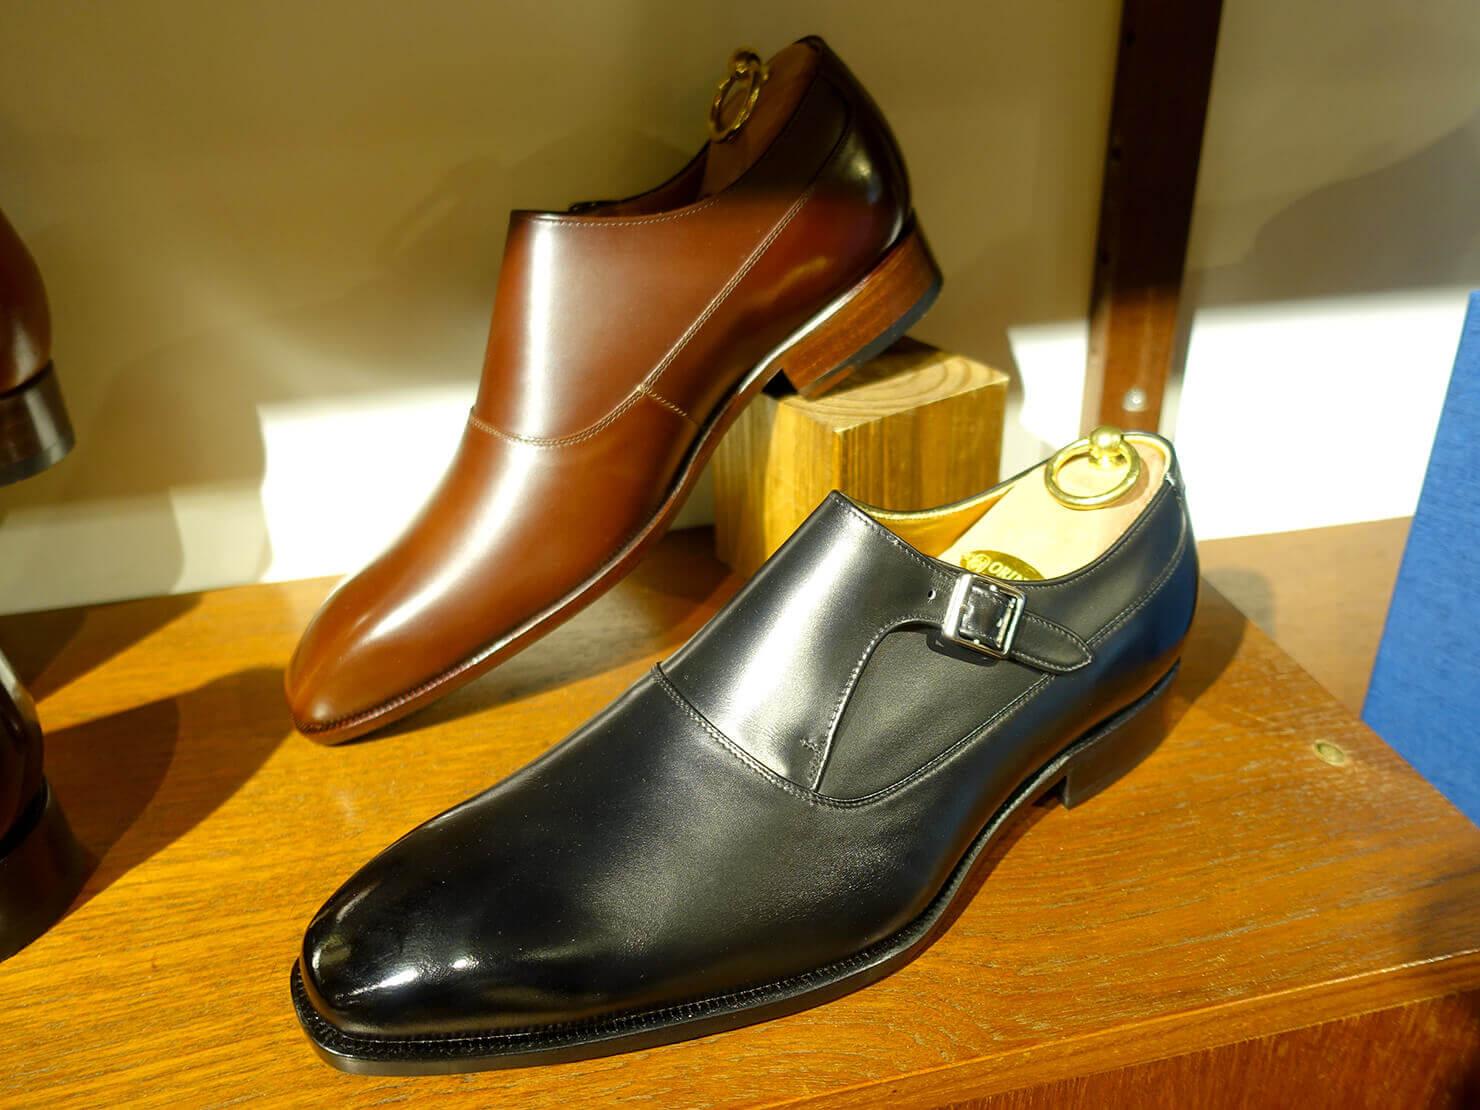 台湾のおすすめ革靴ブランド「林果良品 ORINGO」台北東門店に並ぶレディースの孟克鞋(モンクストラップ・シューズ)